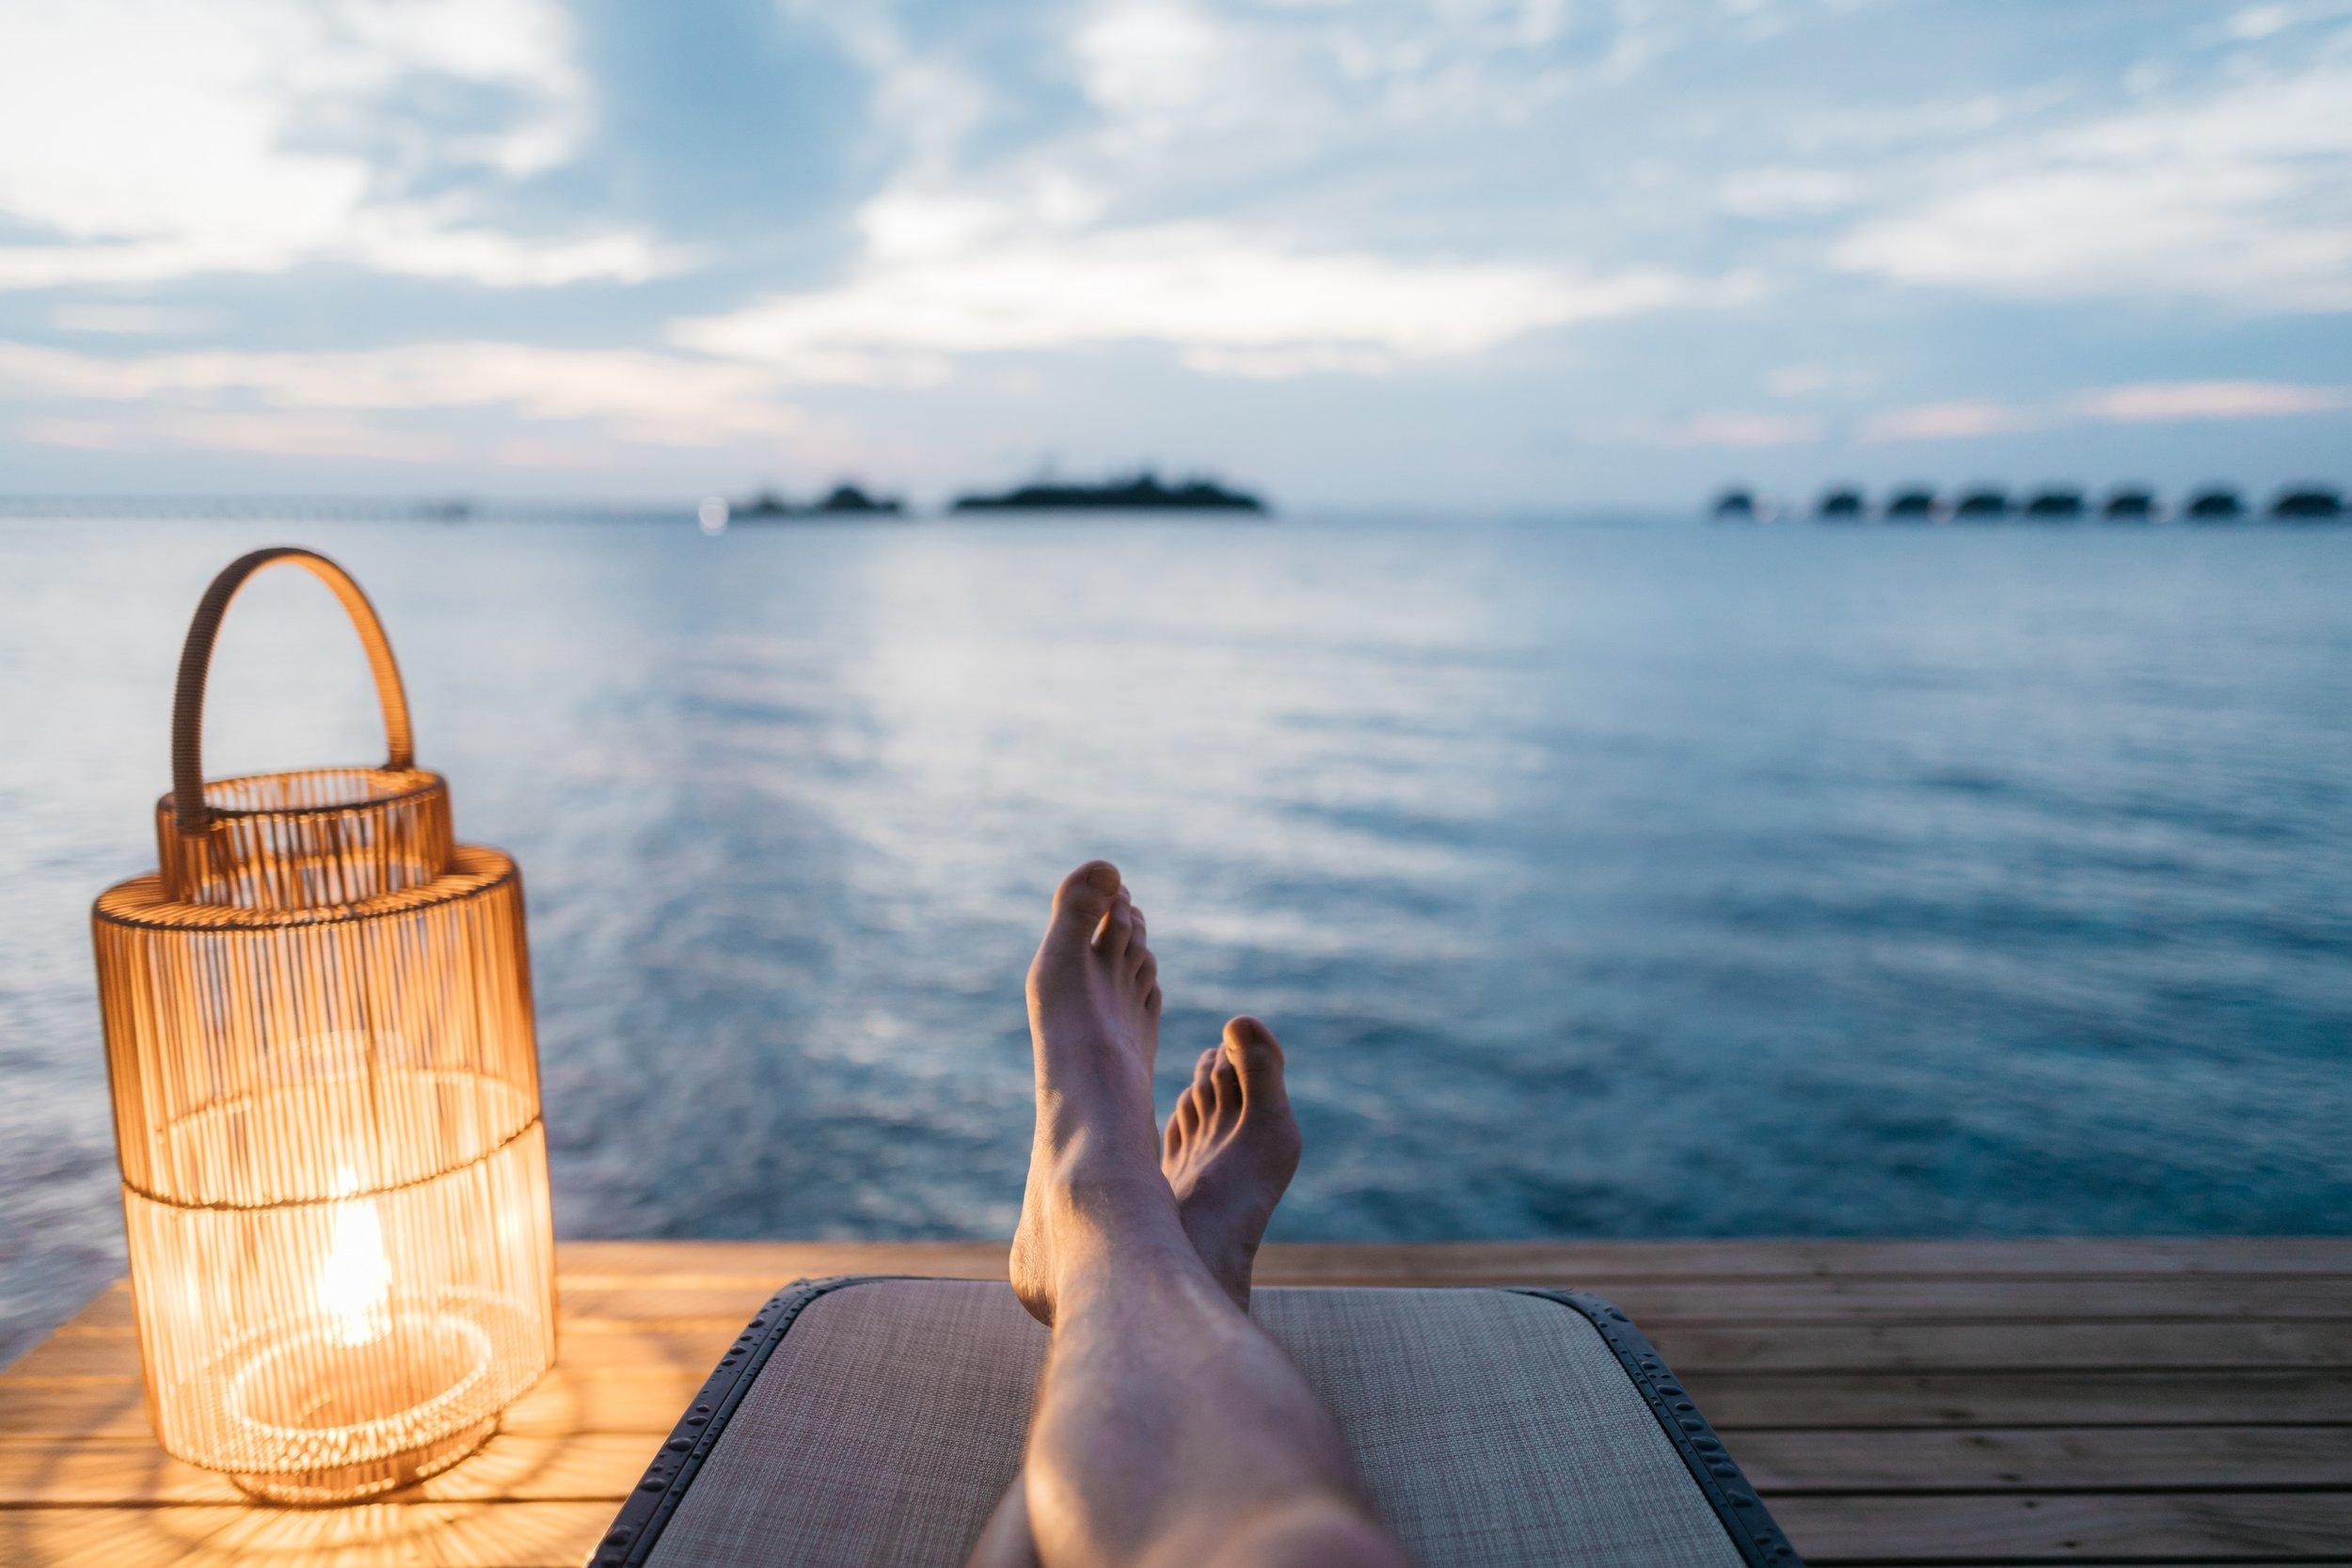 Bare feet at the lake simon-migaj-471526-unsplash.jpg